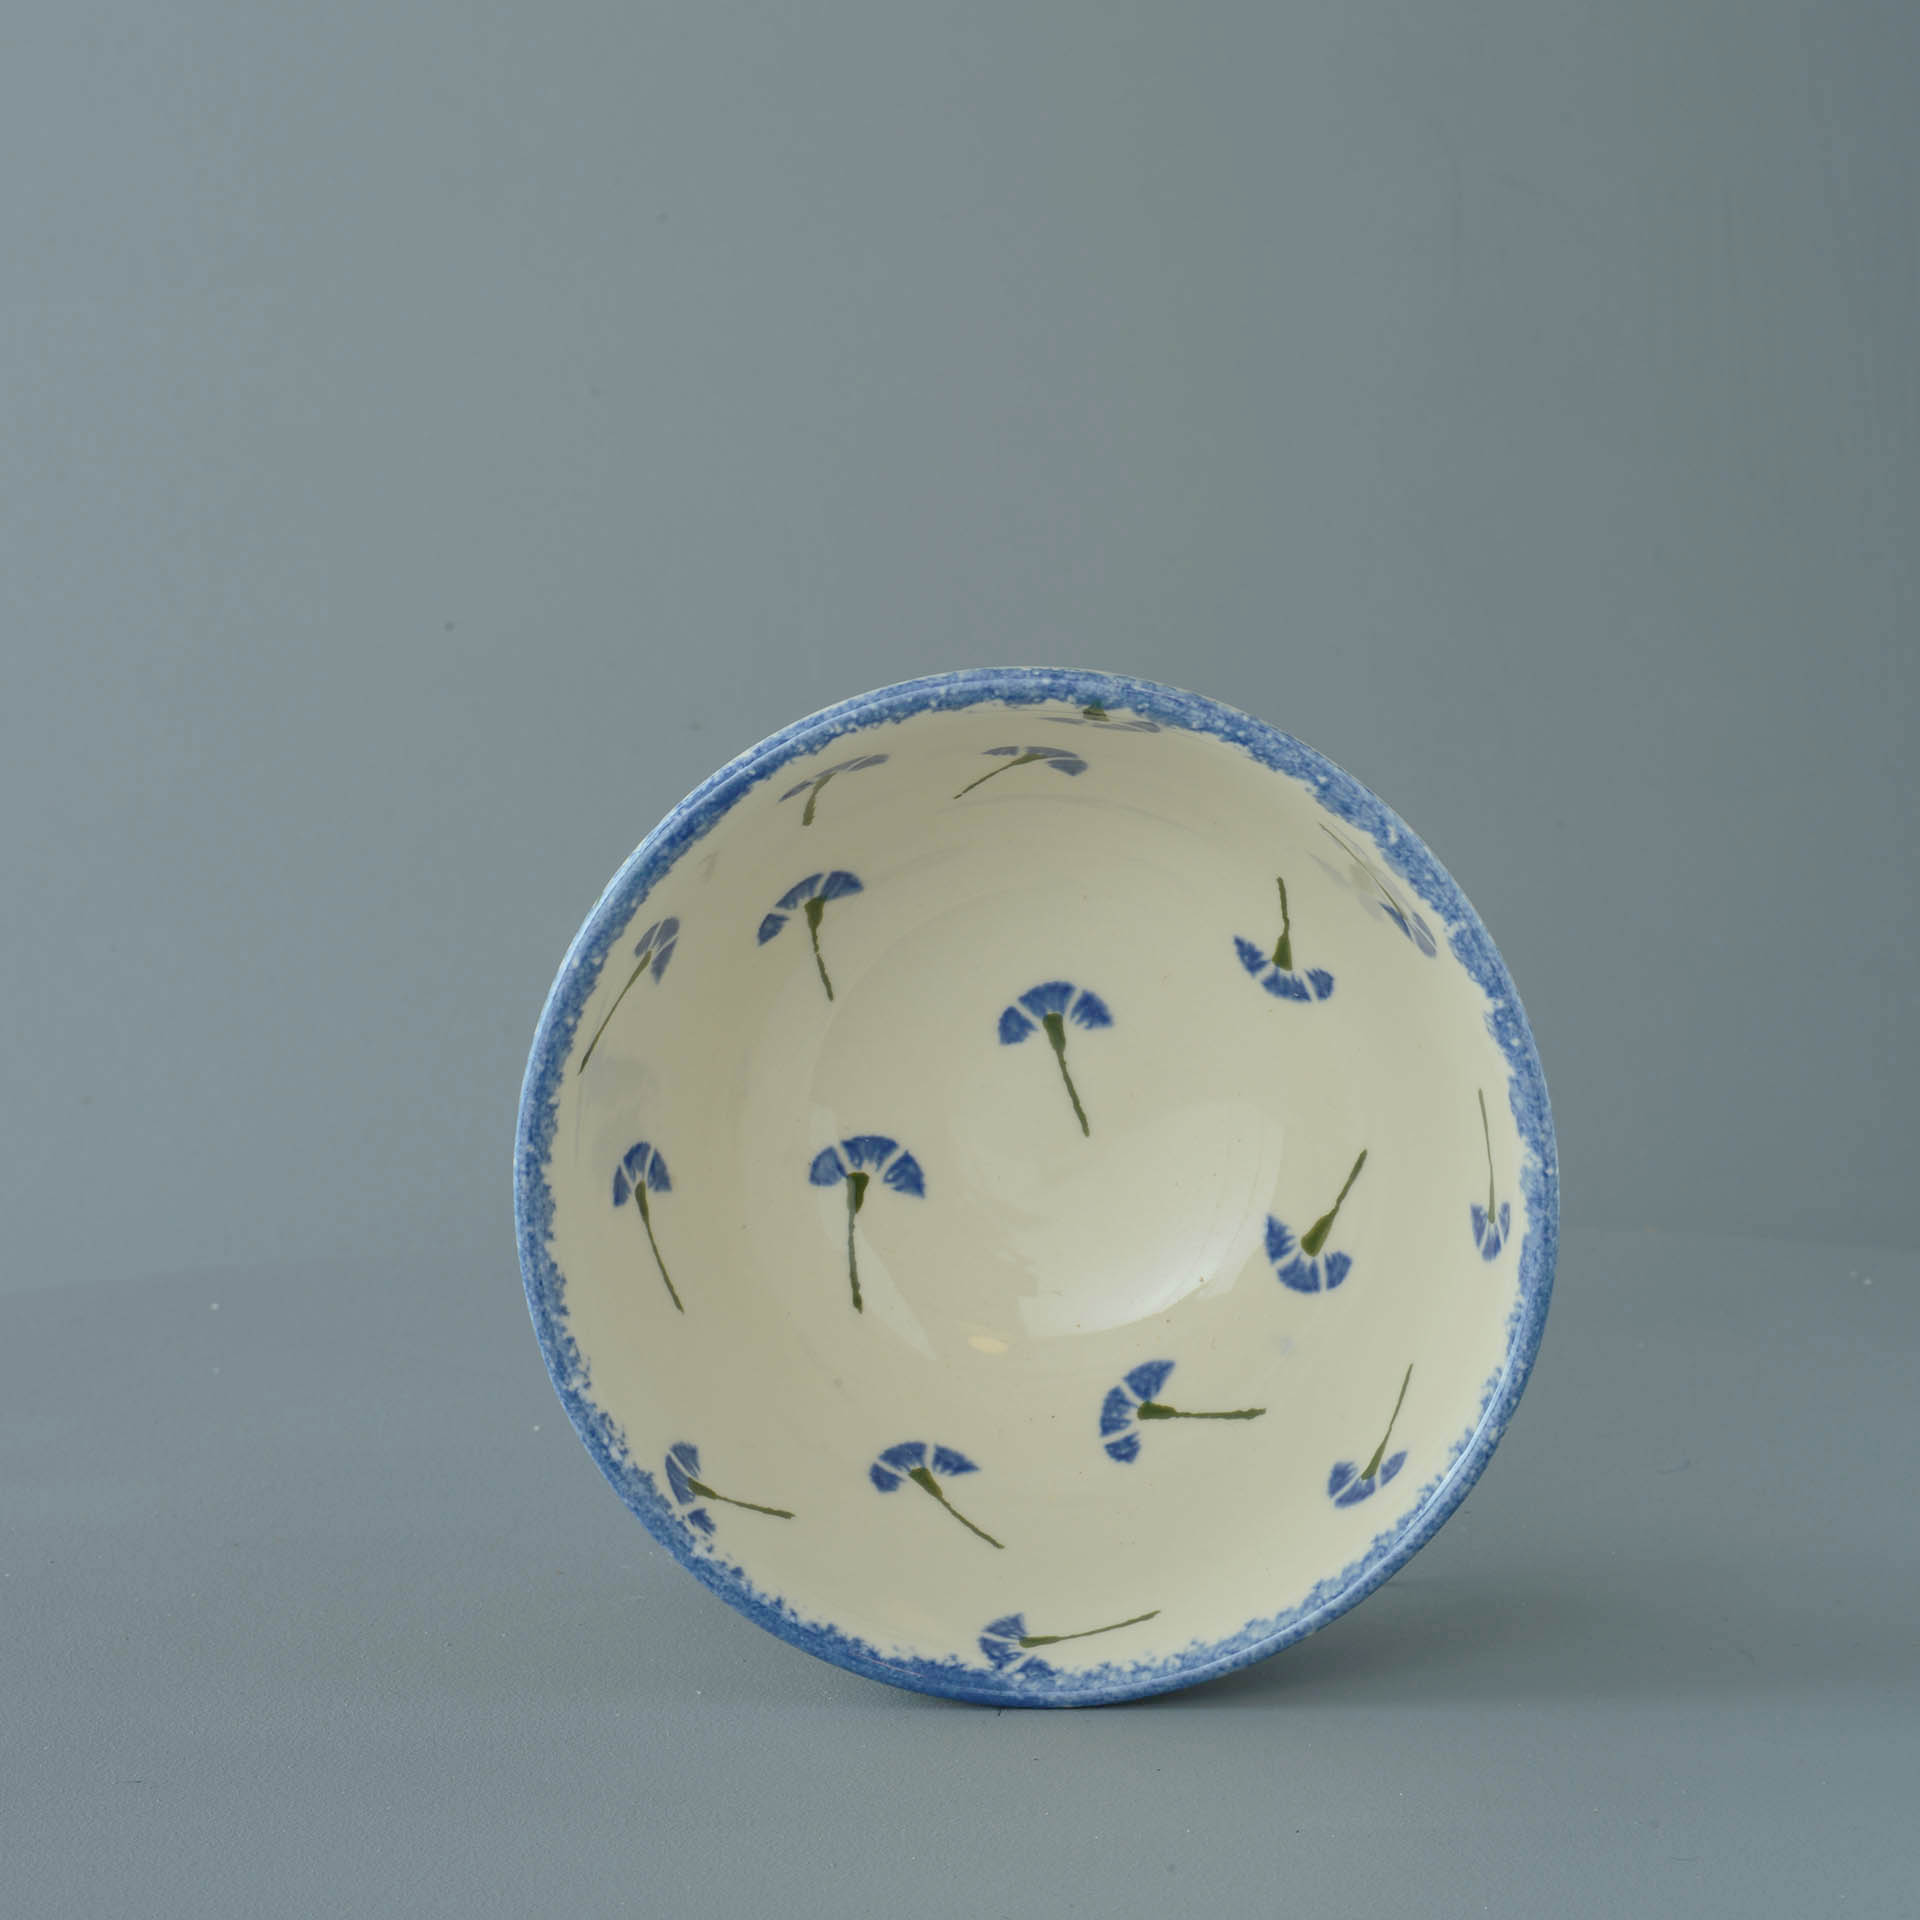 Cornflower Soup Bowl 9 x 15.5cm